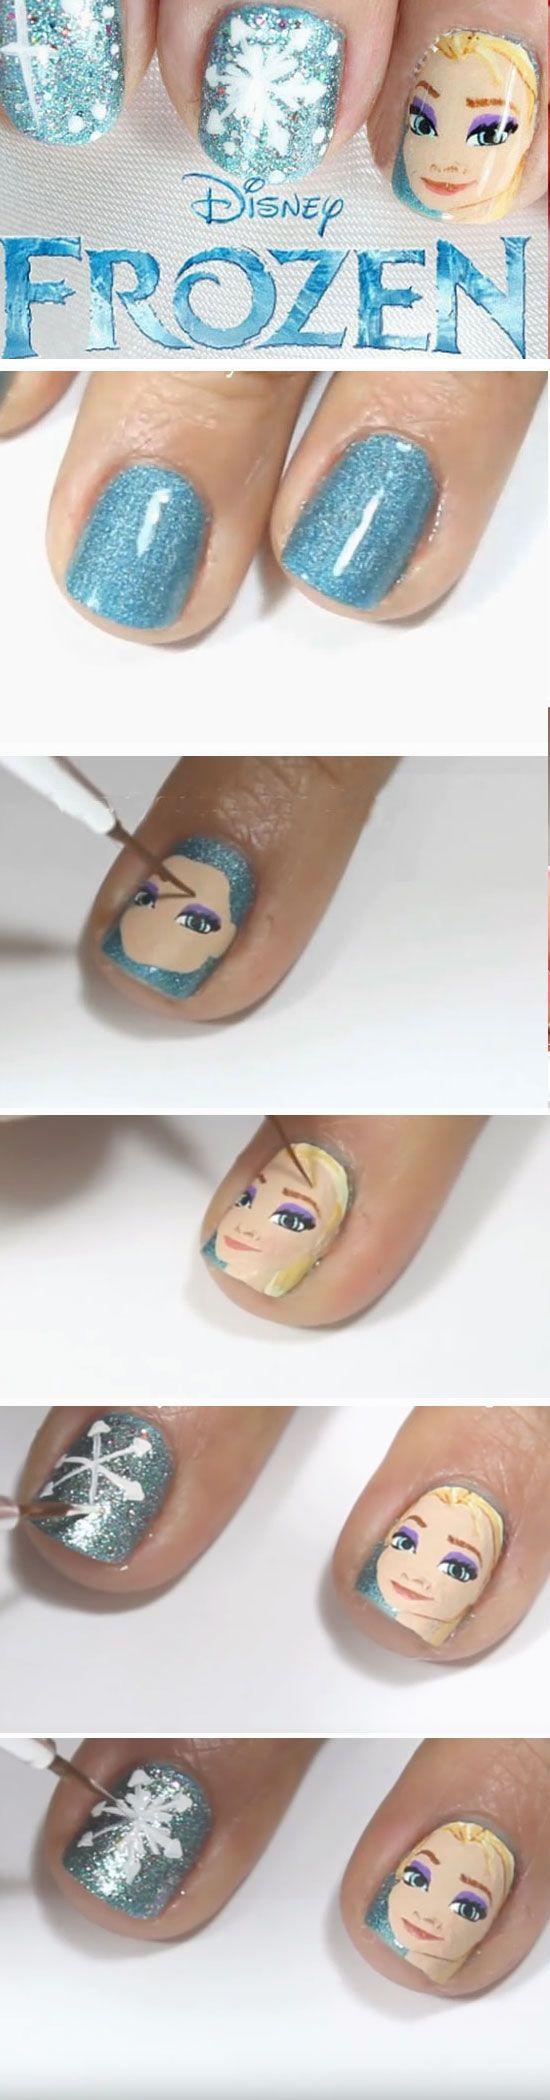 20+ DIY Christmas Nail Art Ideas for Short Nails | Frozen nail art ...